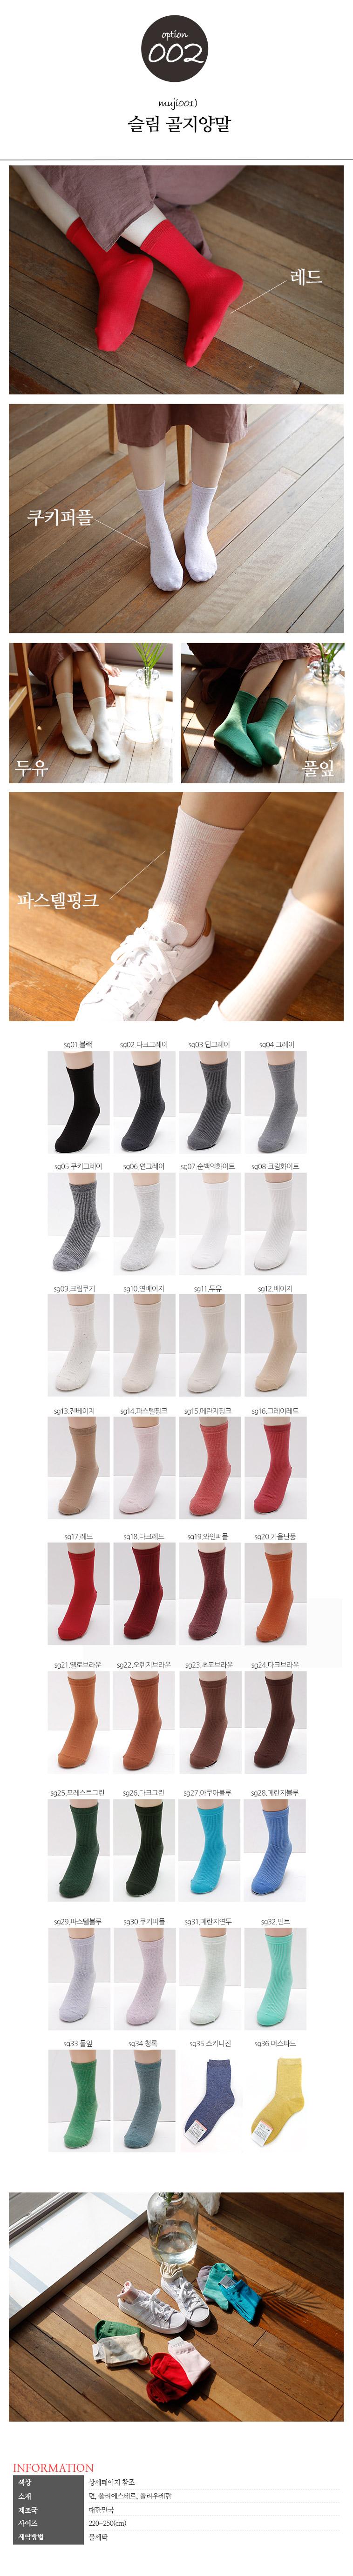 슬림 골지양말 - 앤코양말, 1,780원, 여성양말, 패션양말